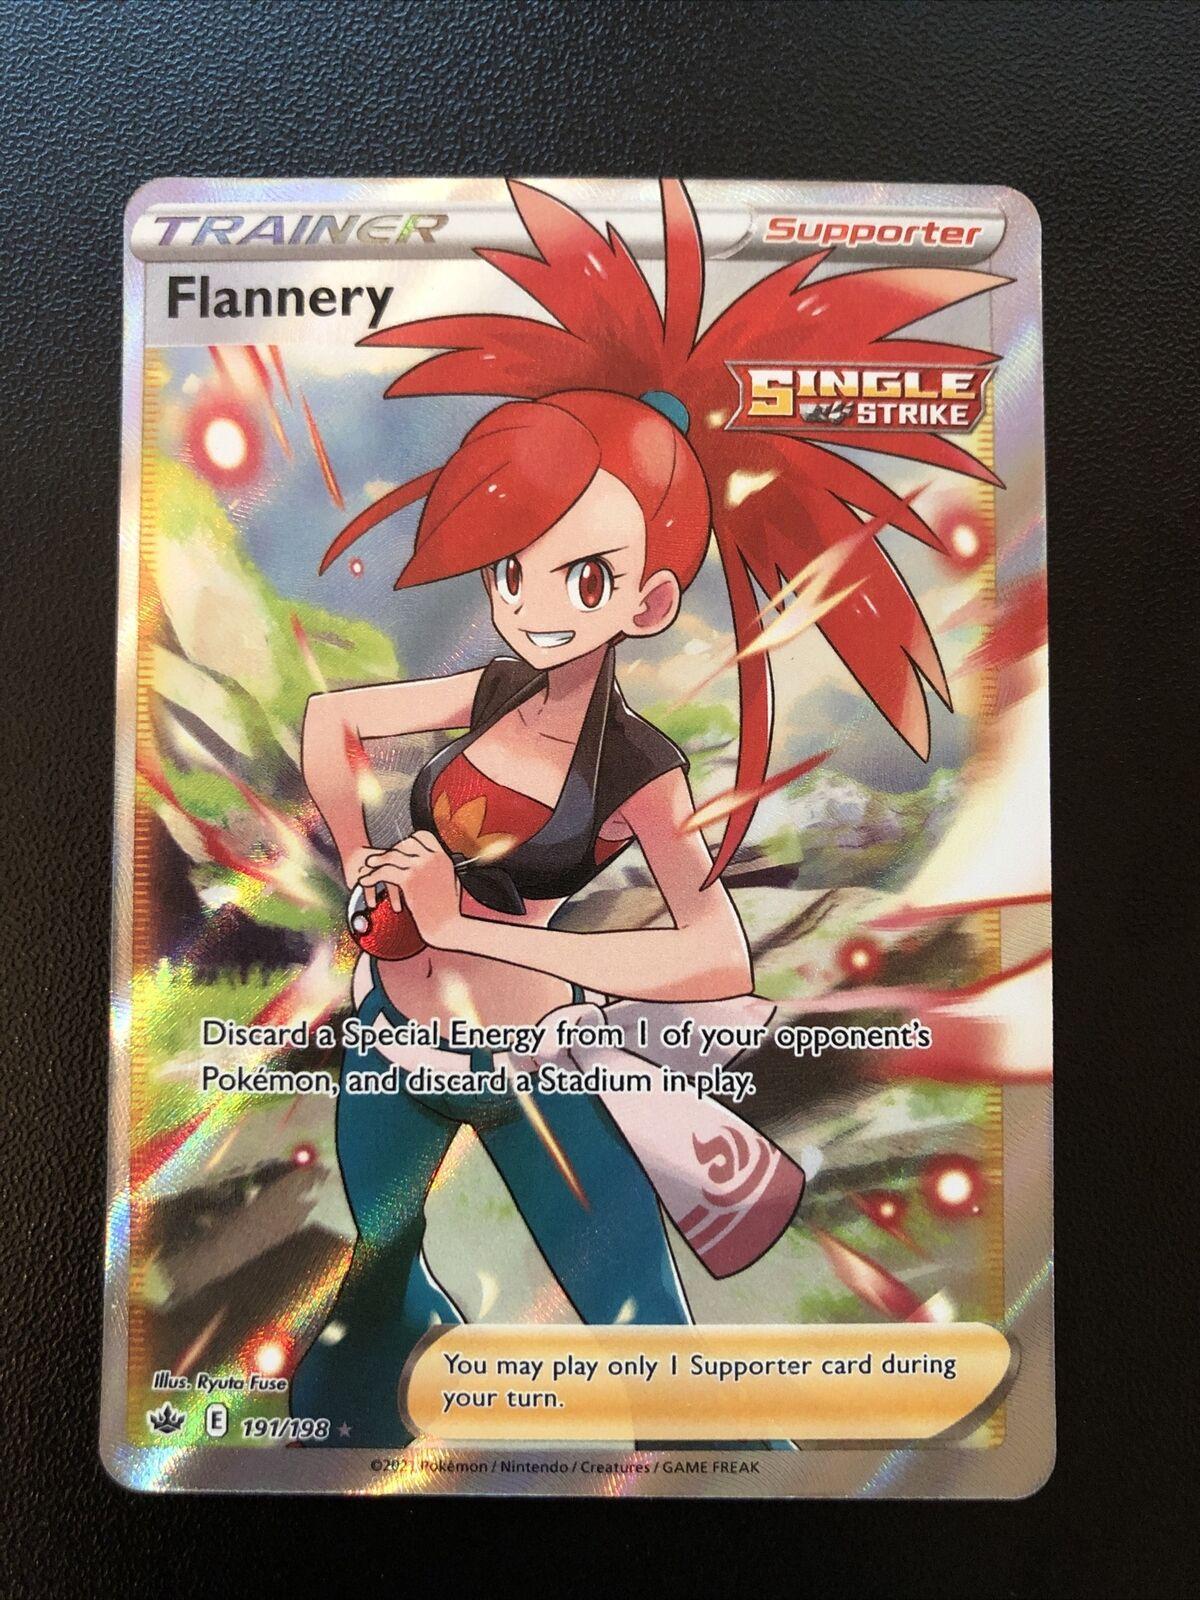 Pokemon Flannery Full Art Trainer 191/198 Chilling Reign